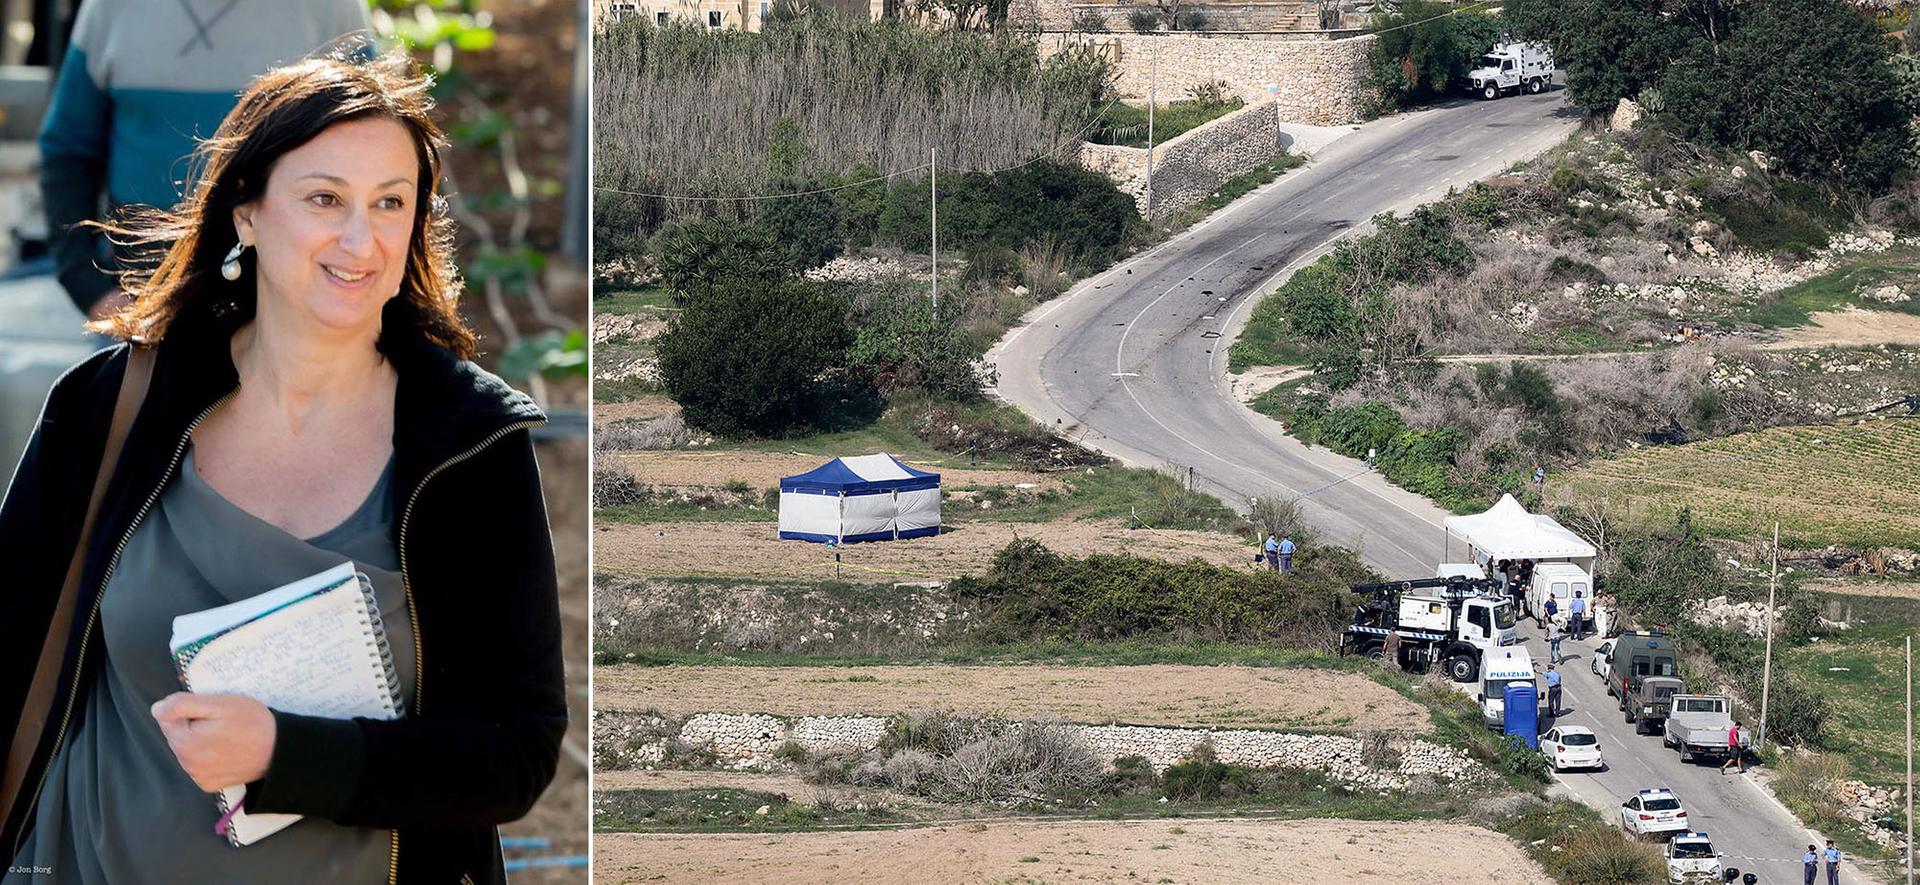 На фото праворуч — мальтійські поліцейські на місці, де підірвали автомобіль журналістки Дафни Каруани Галісії, недалеко від її будинку, Мальта, 17 жовтня 2017 року. На фото ліворуч — архівне фото Дафни